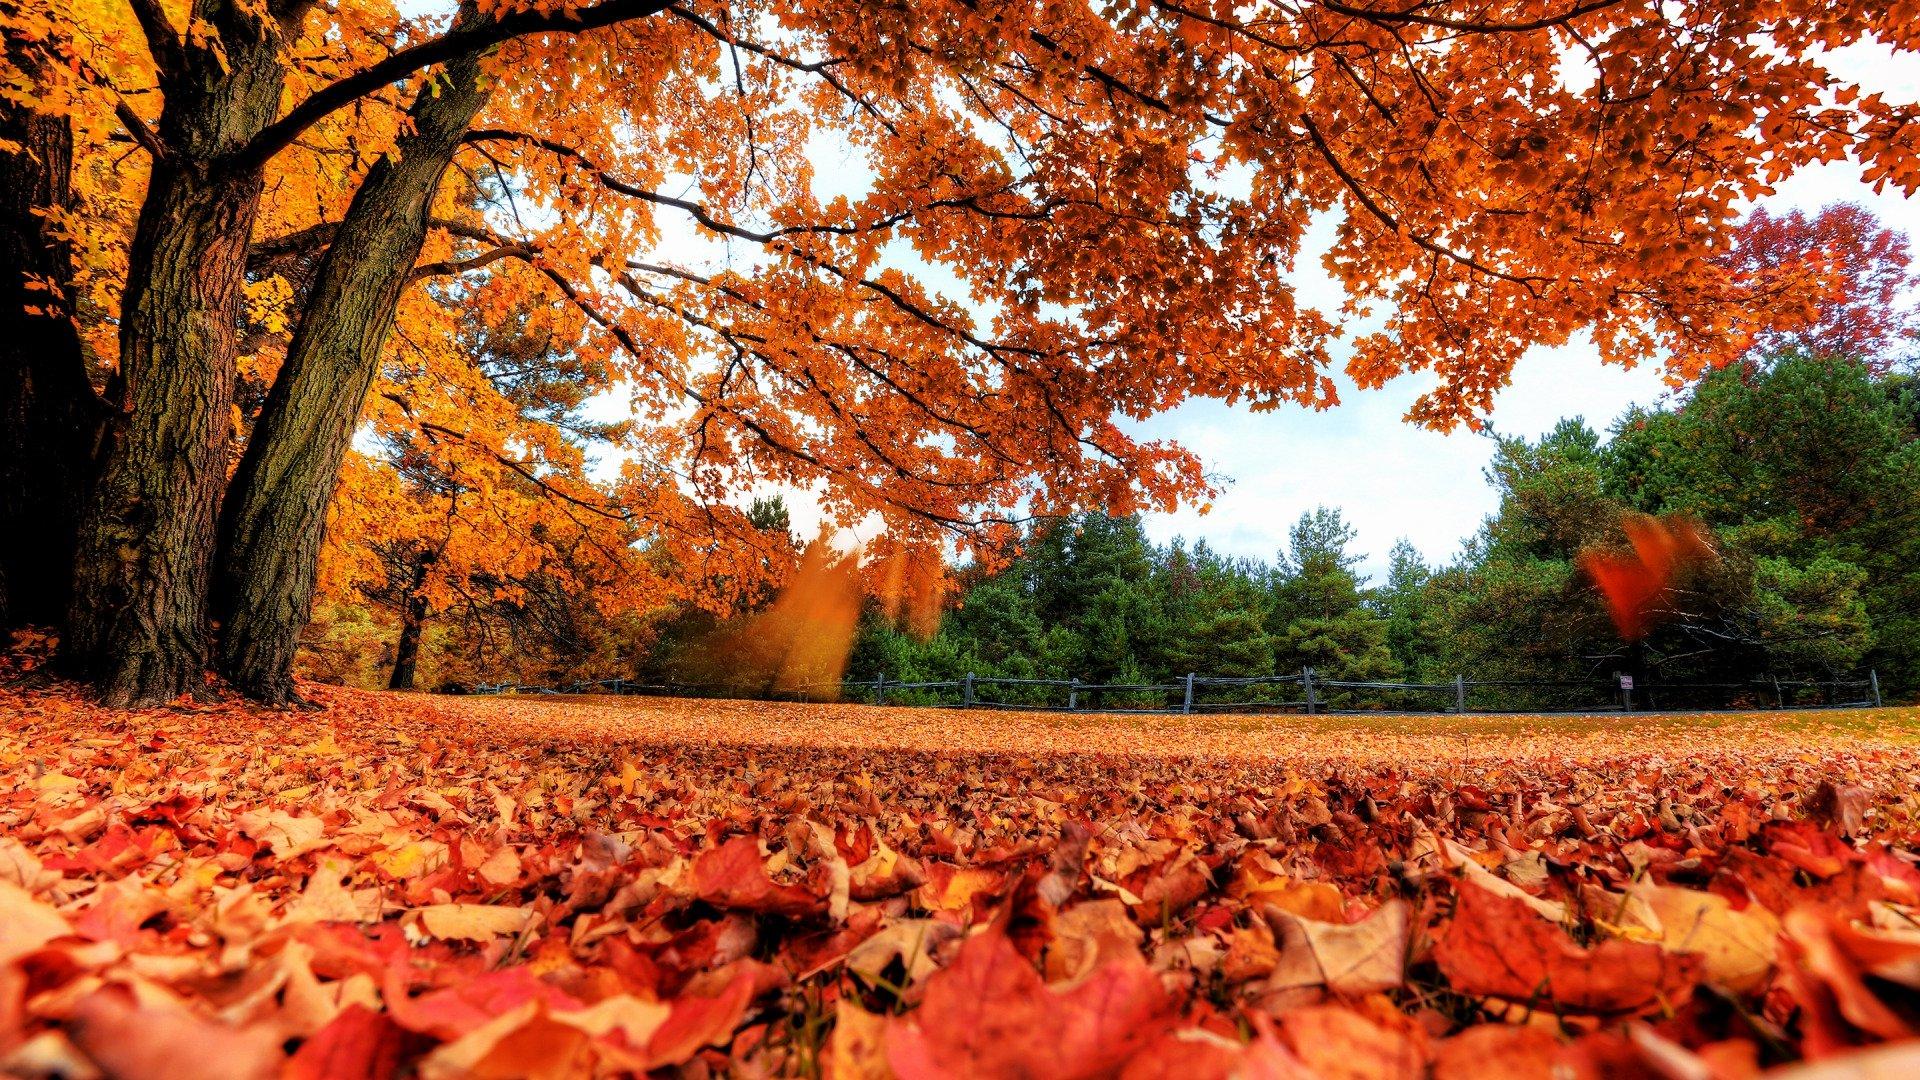 Cute Fall Wallpaper Image